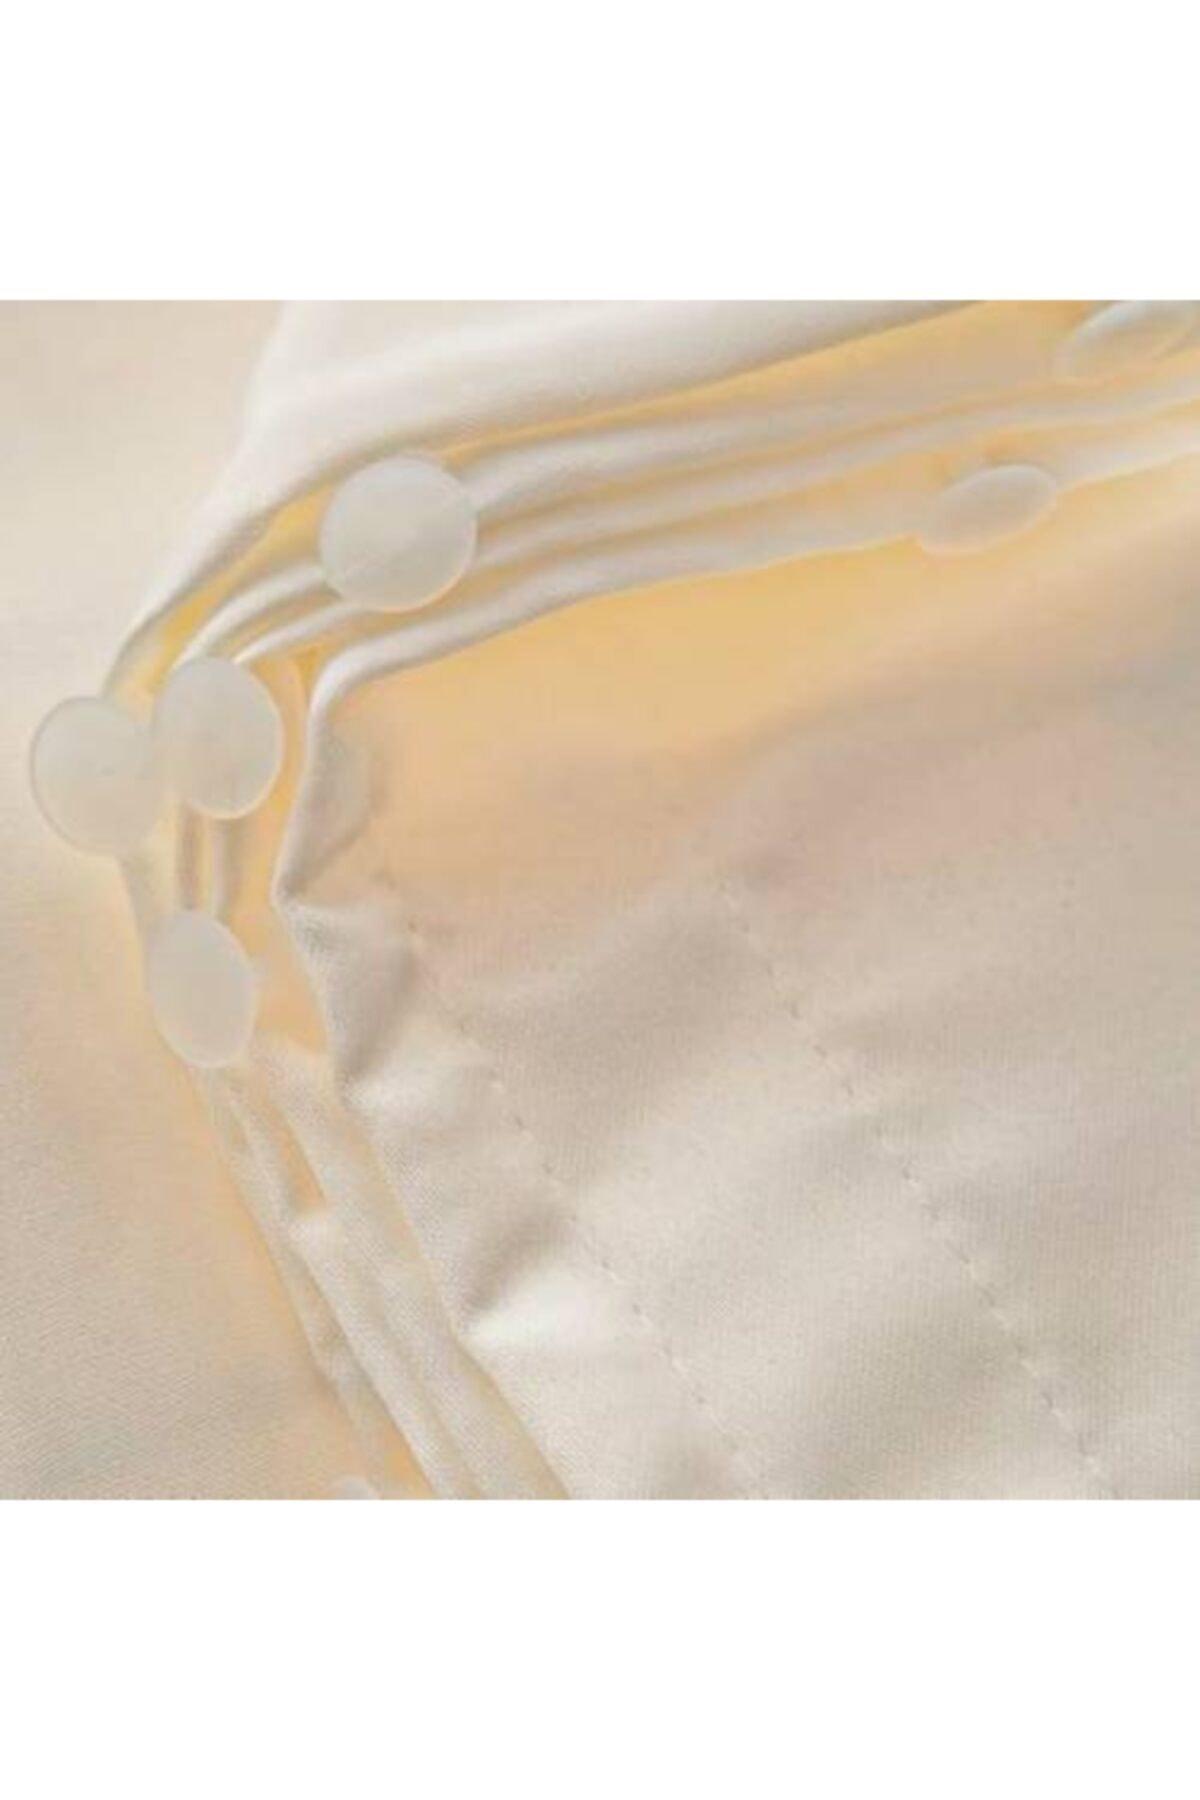 Zümrüt Ev Tekstil Lüks Saten Güneşlik Perde 400x260 1